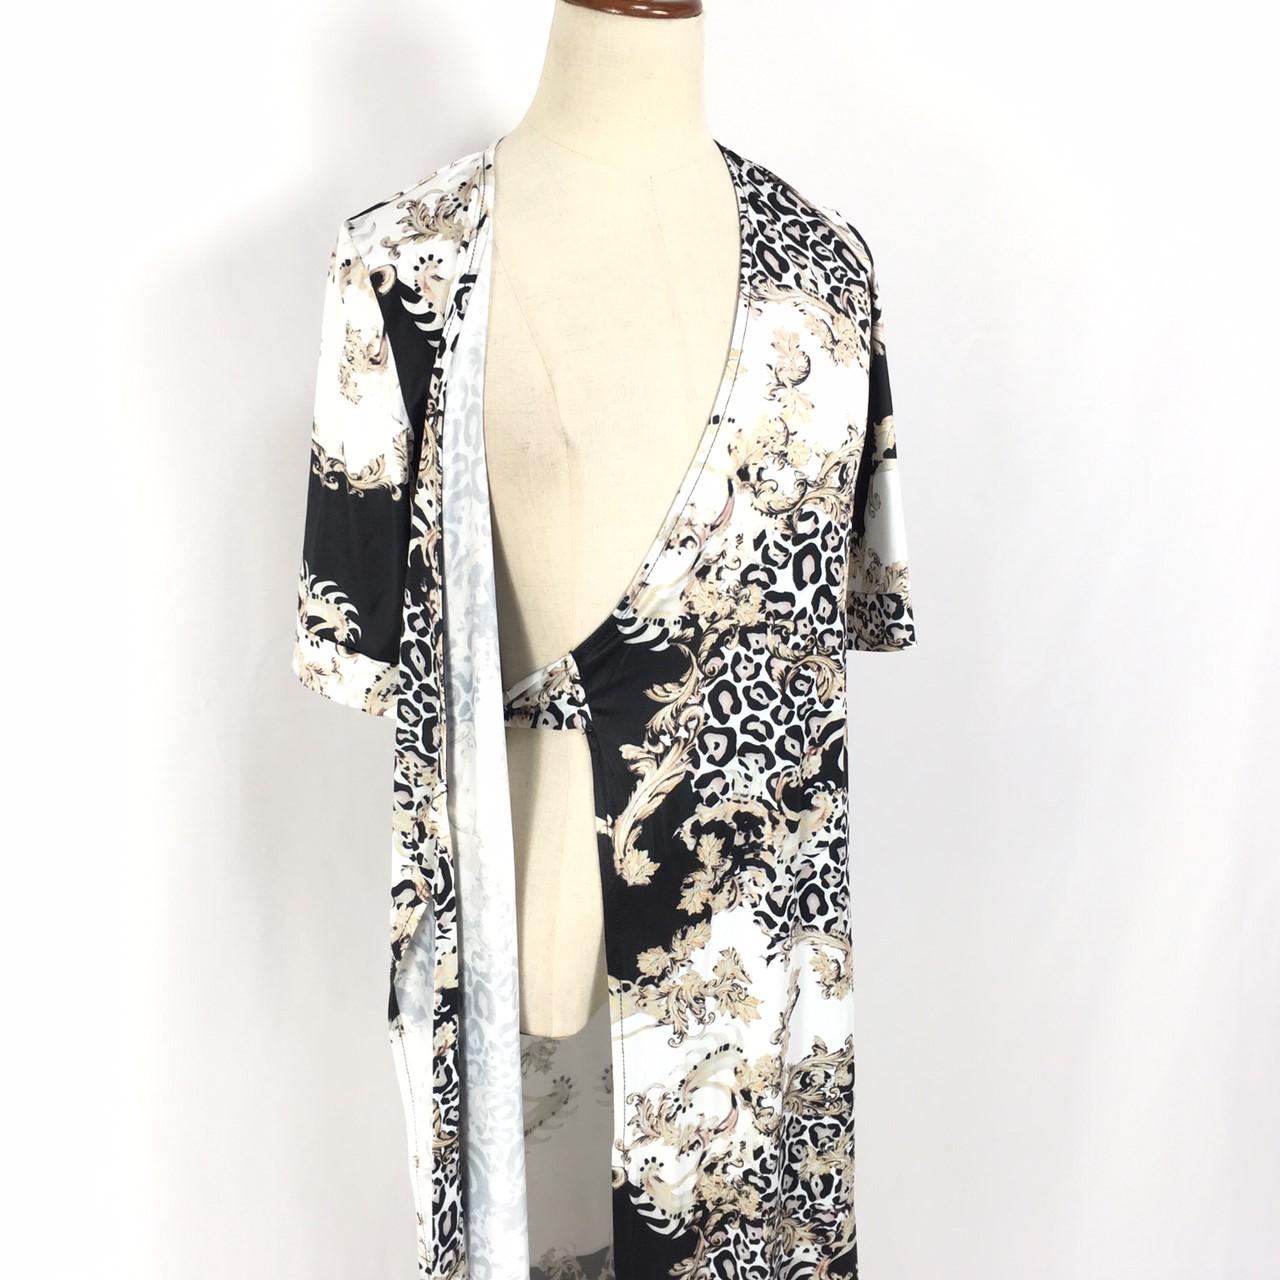 韓国 ファッション ワンピース パーティードレス ロング マキシ 夏 春 パーティー ブライダル PTXF019 結婚式 お呼ばれ カシュクール ハイショルダー ウエストマー 二次会 セレブ きれいめの写真17枚目